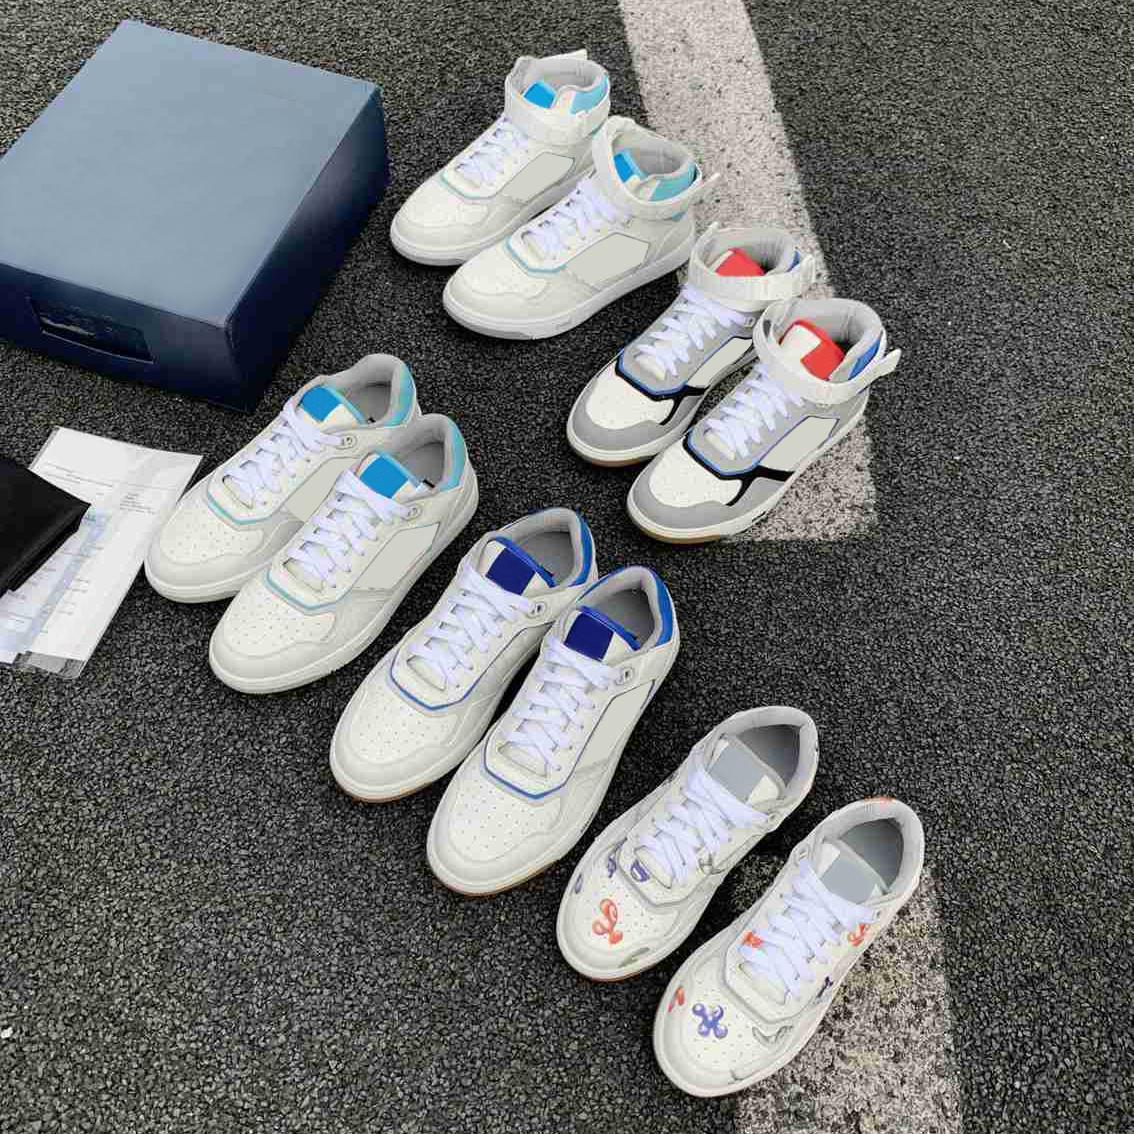 diseñador para hombres zapatillas de deporte oblicuas de cuero de piel de cuero ocasional zapatos de zapatillas de deporte de moda para mujer parejas planas de alto rendimiento superior zapato de corredores